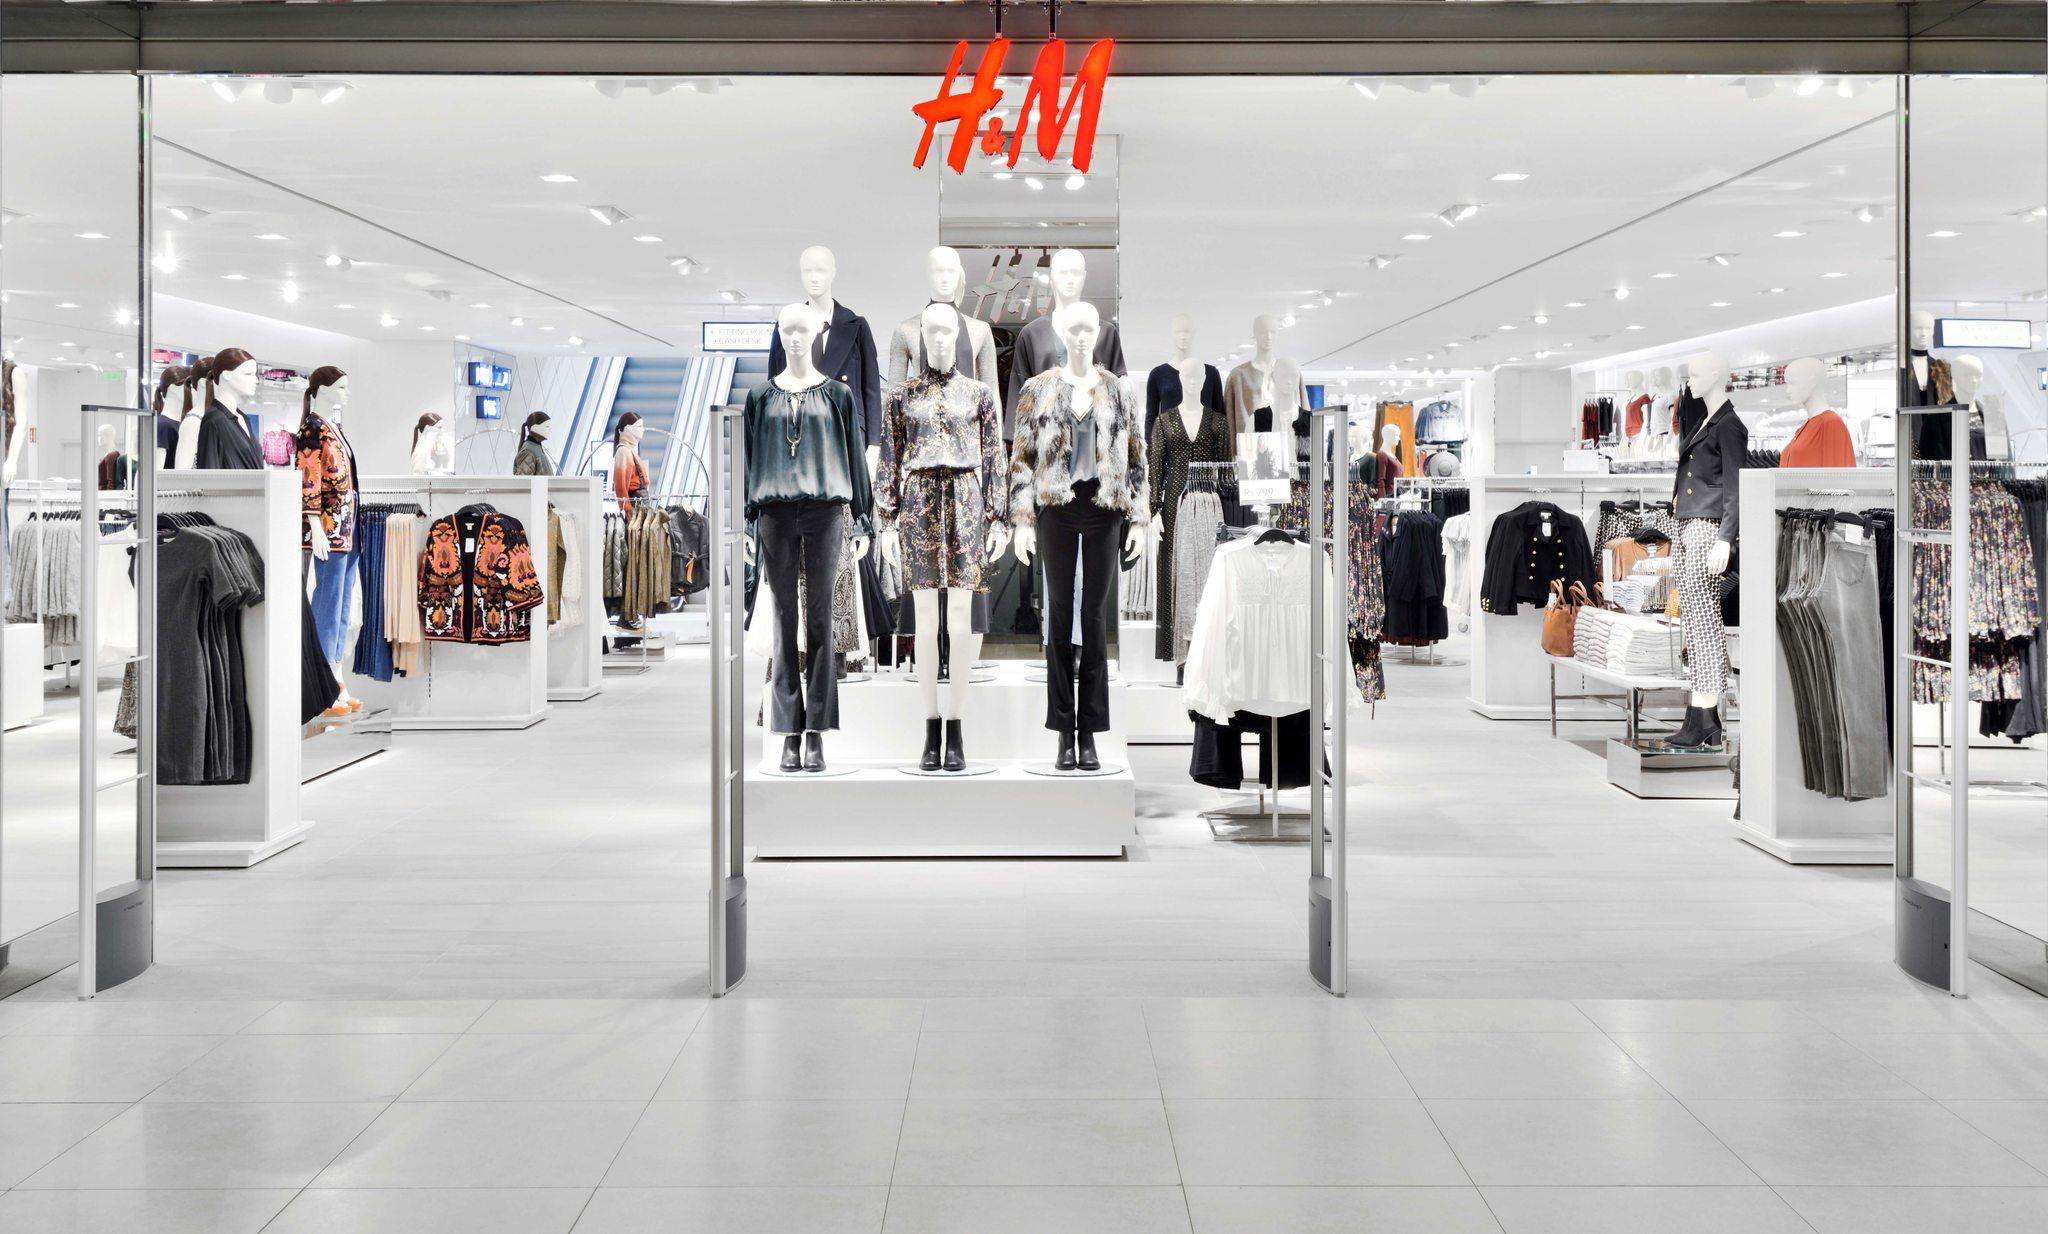 b1d7a9e4a Магазин предложит покупателям женскую, мужскую, подростковую, детскую одежду  и аксессуары, товары для дома H&M Home, самые актуальные тенденции, ...